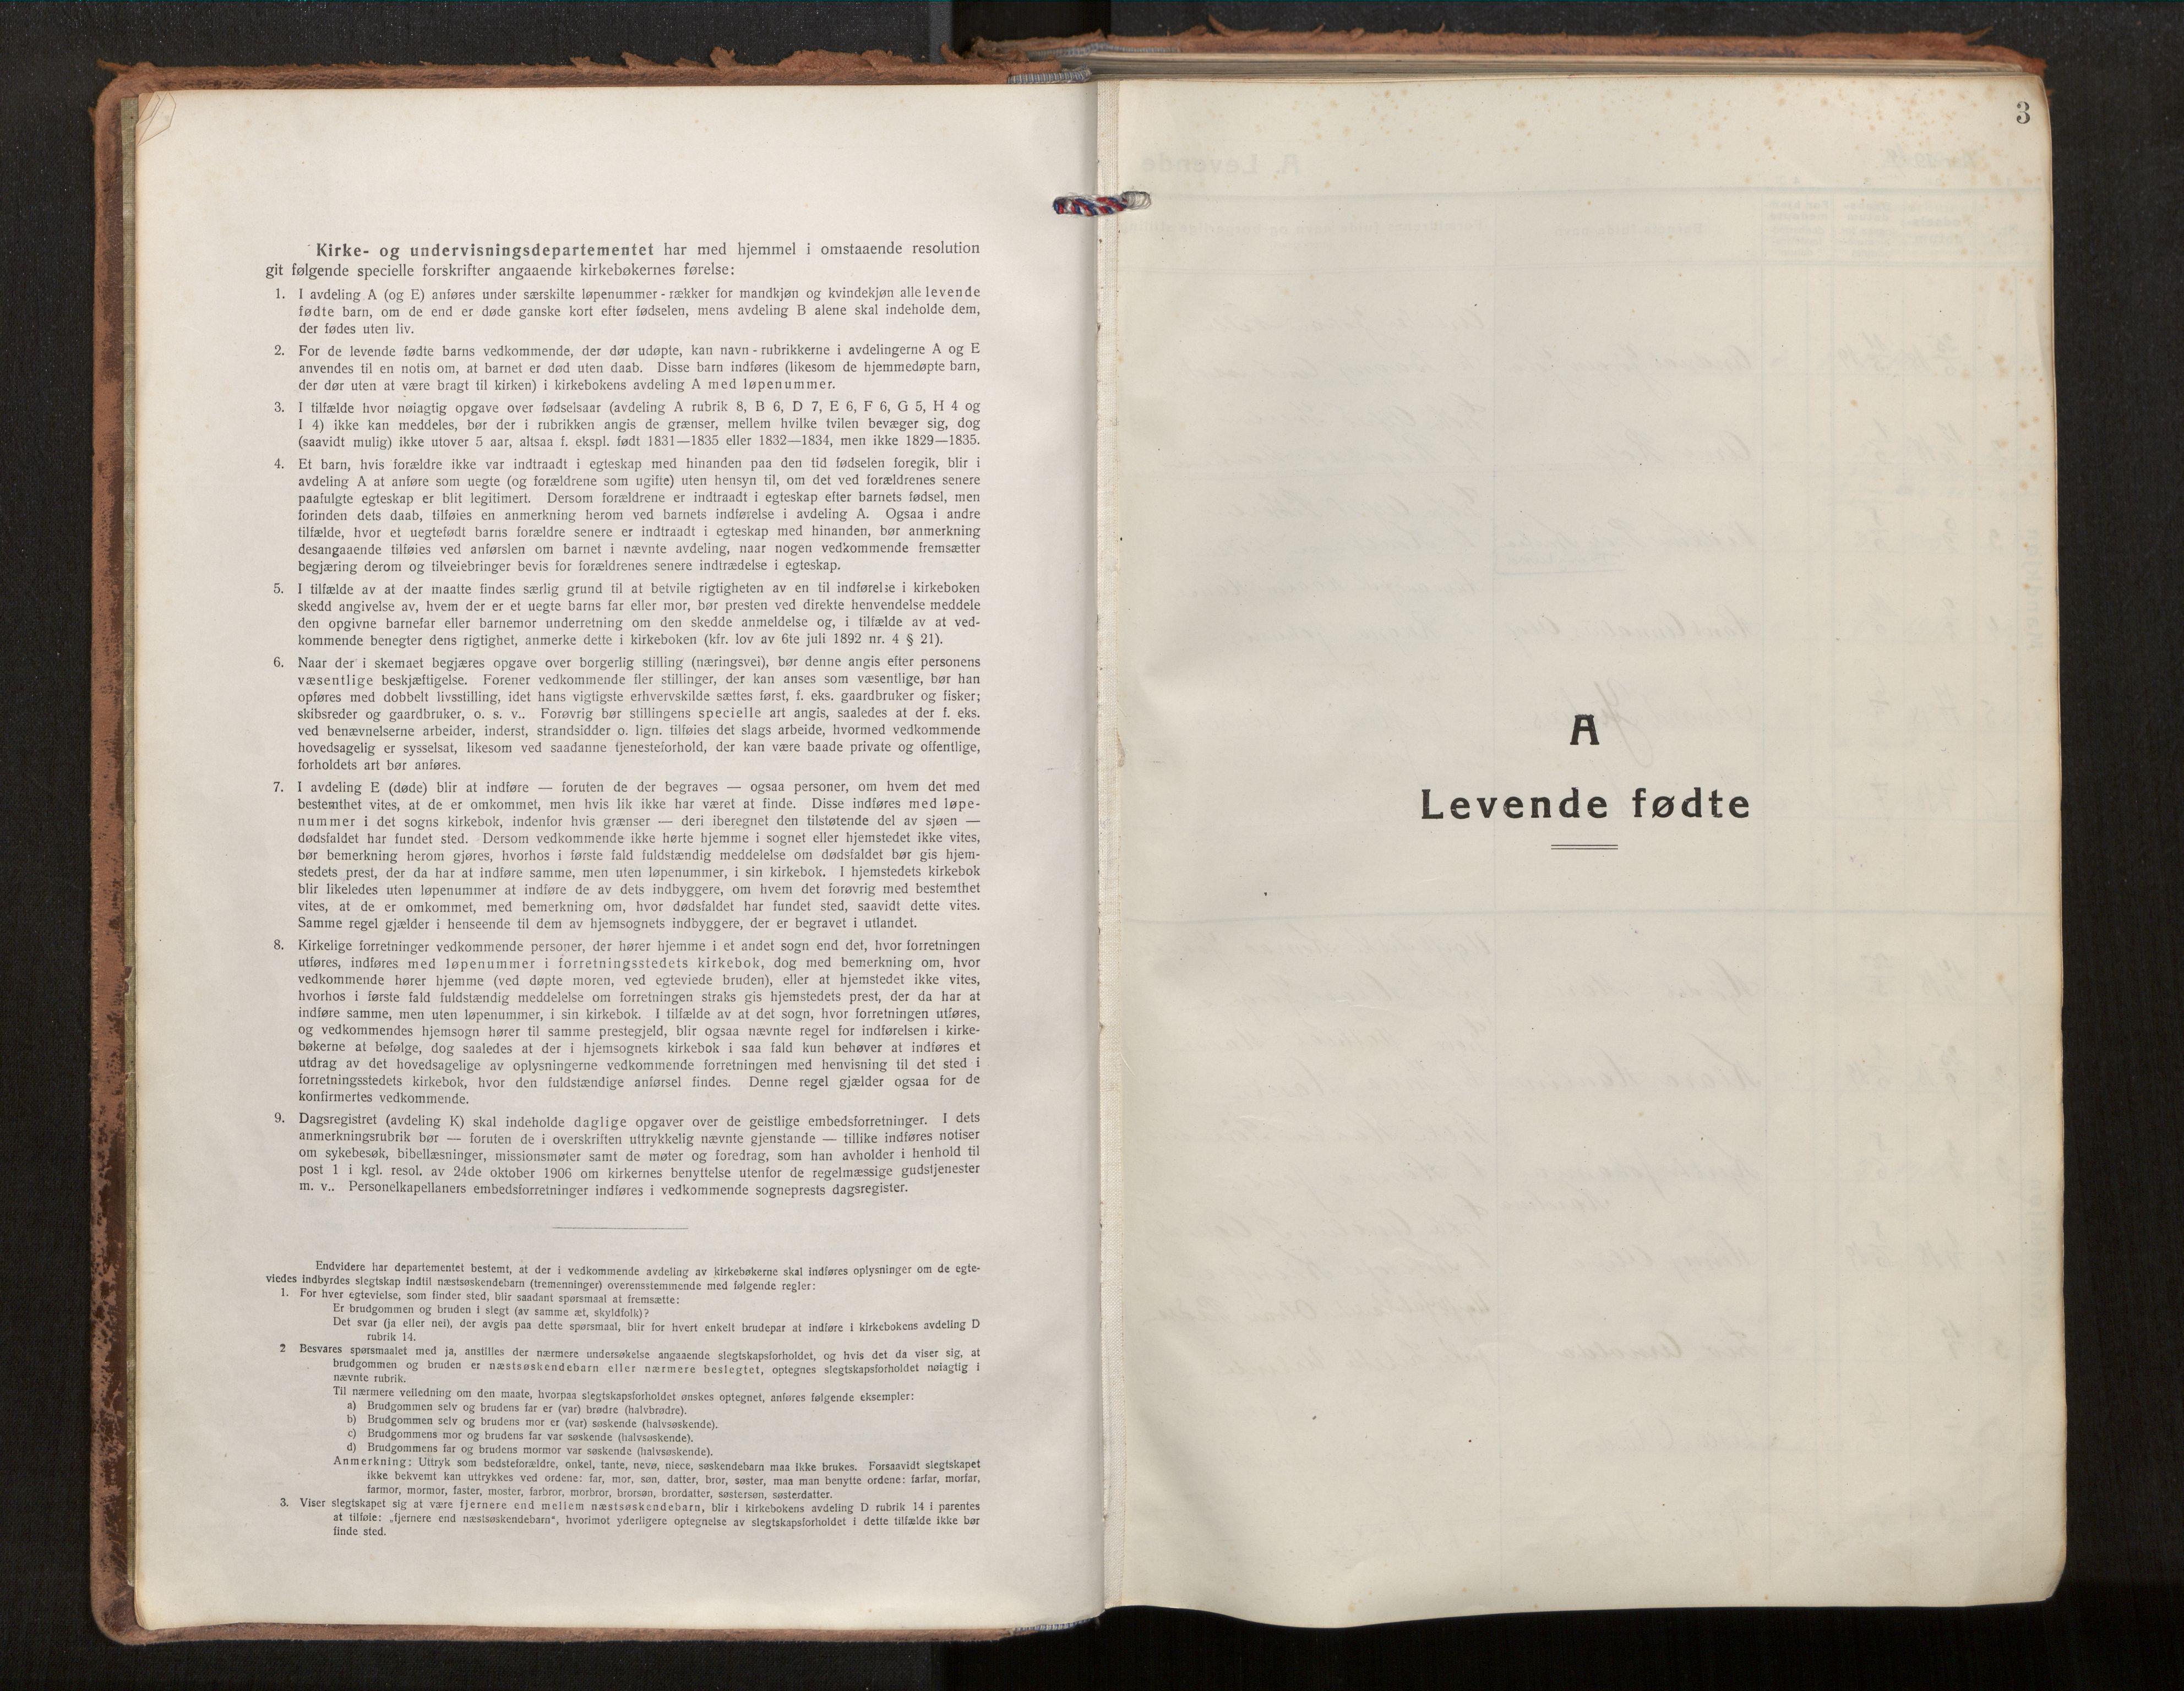 SAT, Ministerialprotokoller, klokkerbøker og fødselsregistre - Nordland, 880/L1136: Parish register (official) no. 880A10, 1919-1927, p. 3